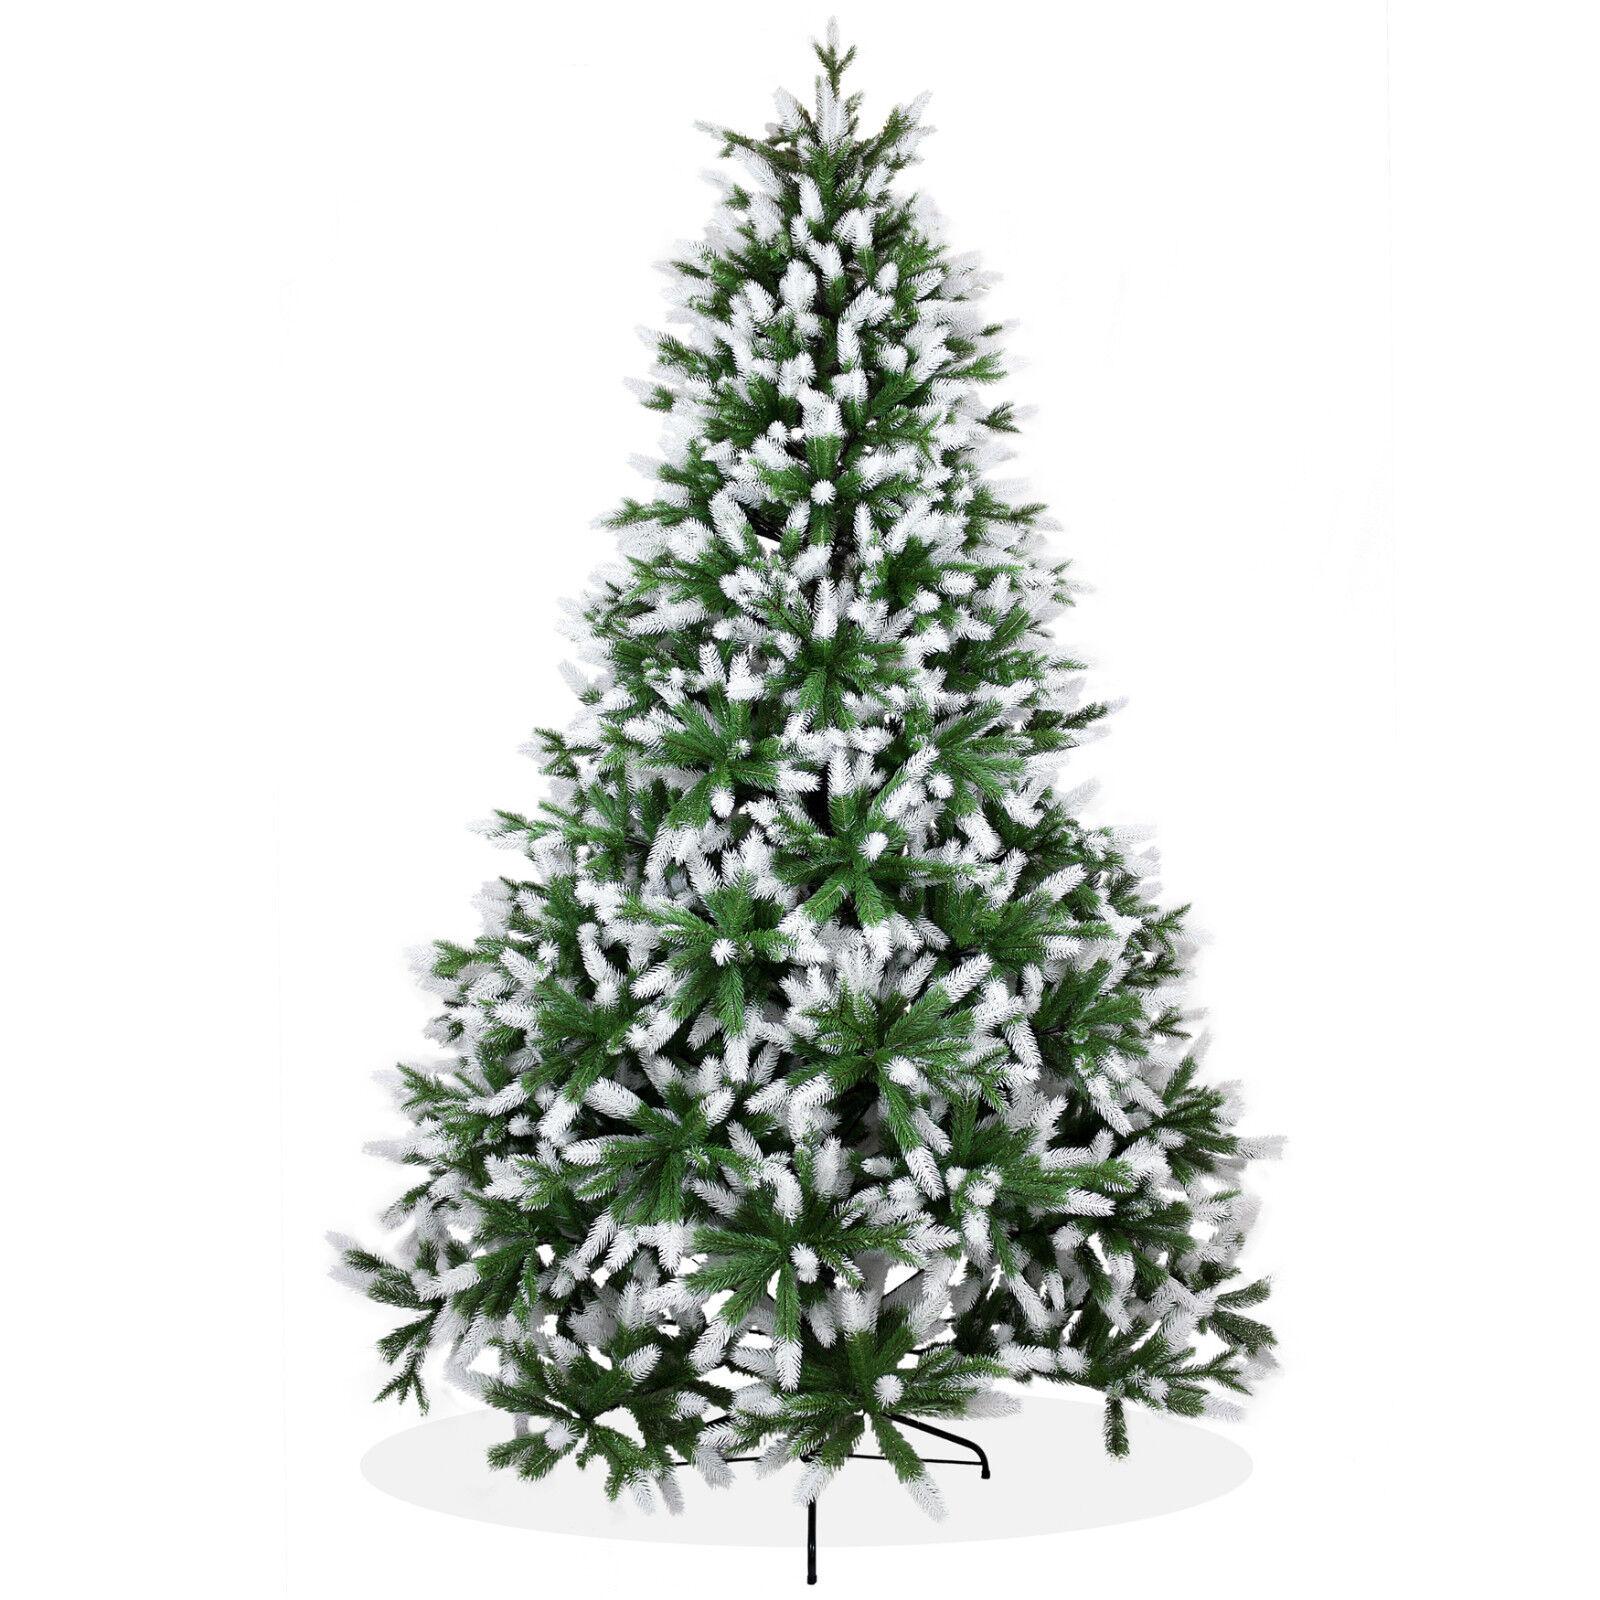 Weihnachtsbaum Künstlich Nordmanntanne.Details Zu Künstlicher Weihnachtsbaum 240cm Nordmanntanne Spritzguss Tanne Angeschneit Ps14